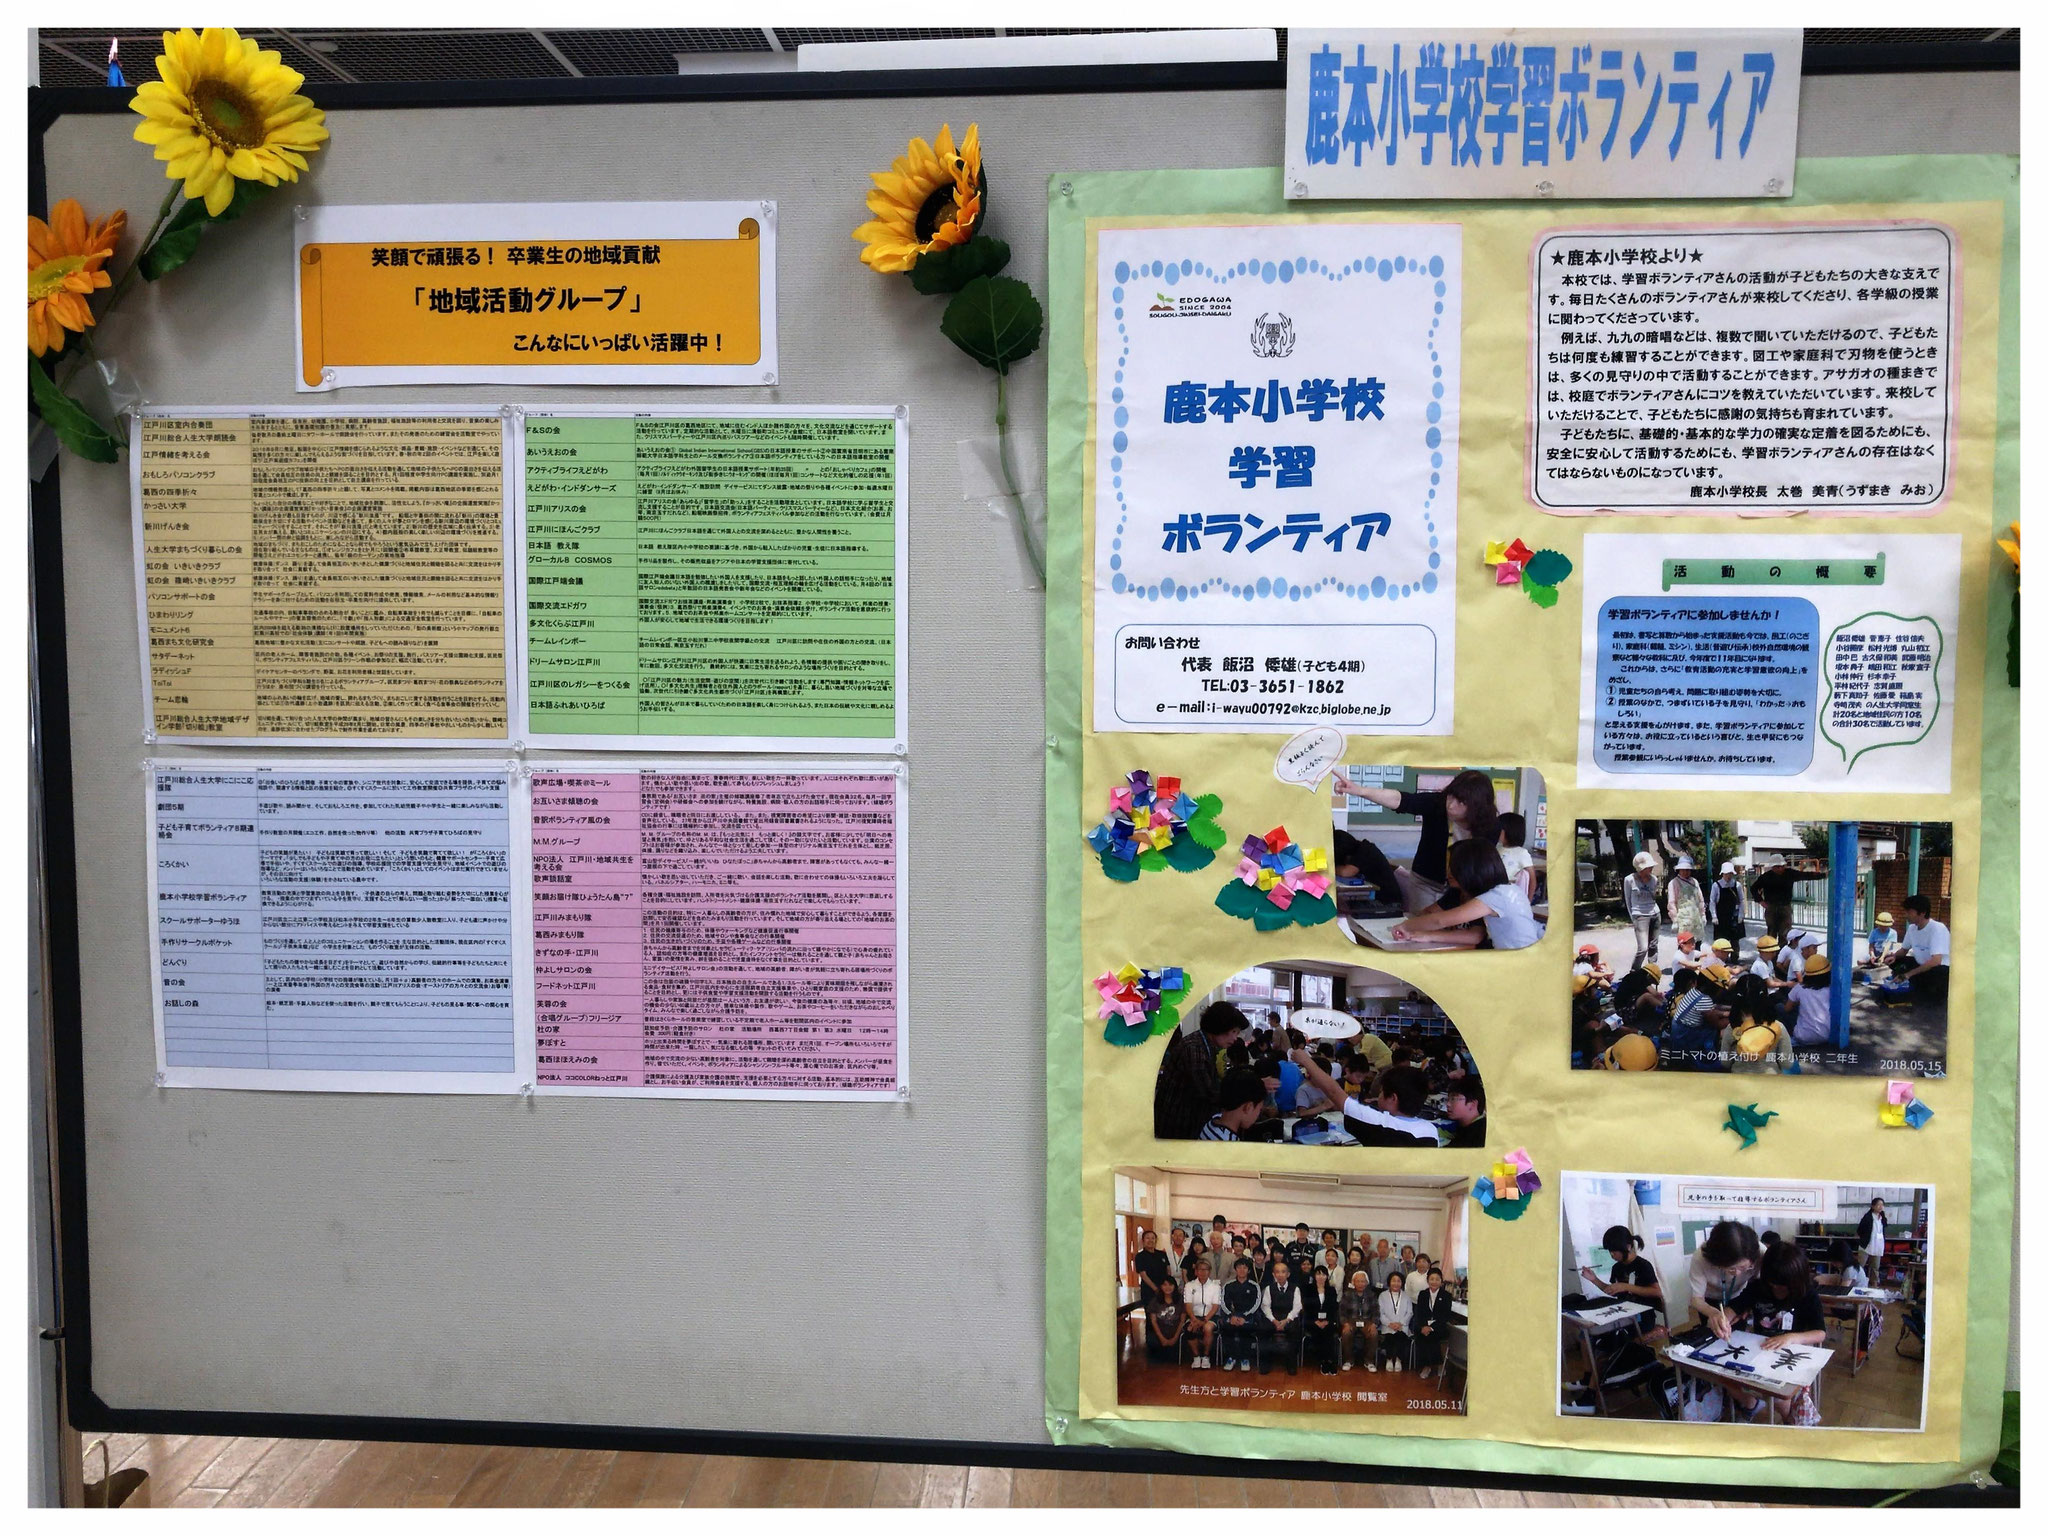 鹿本小学校学習ボランティア